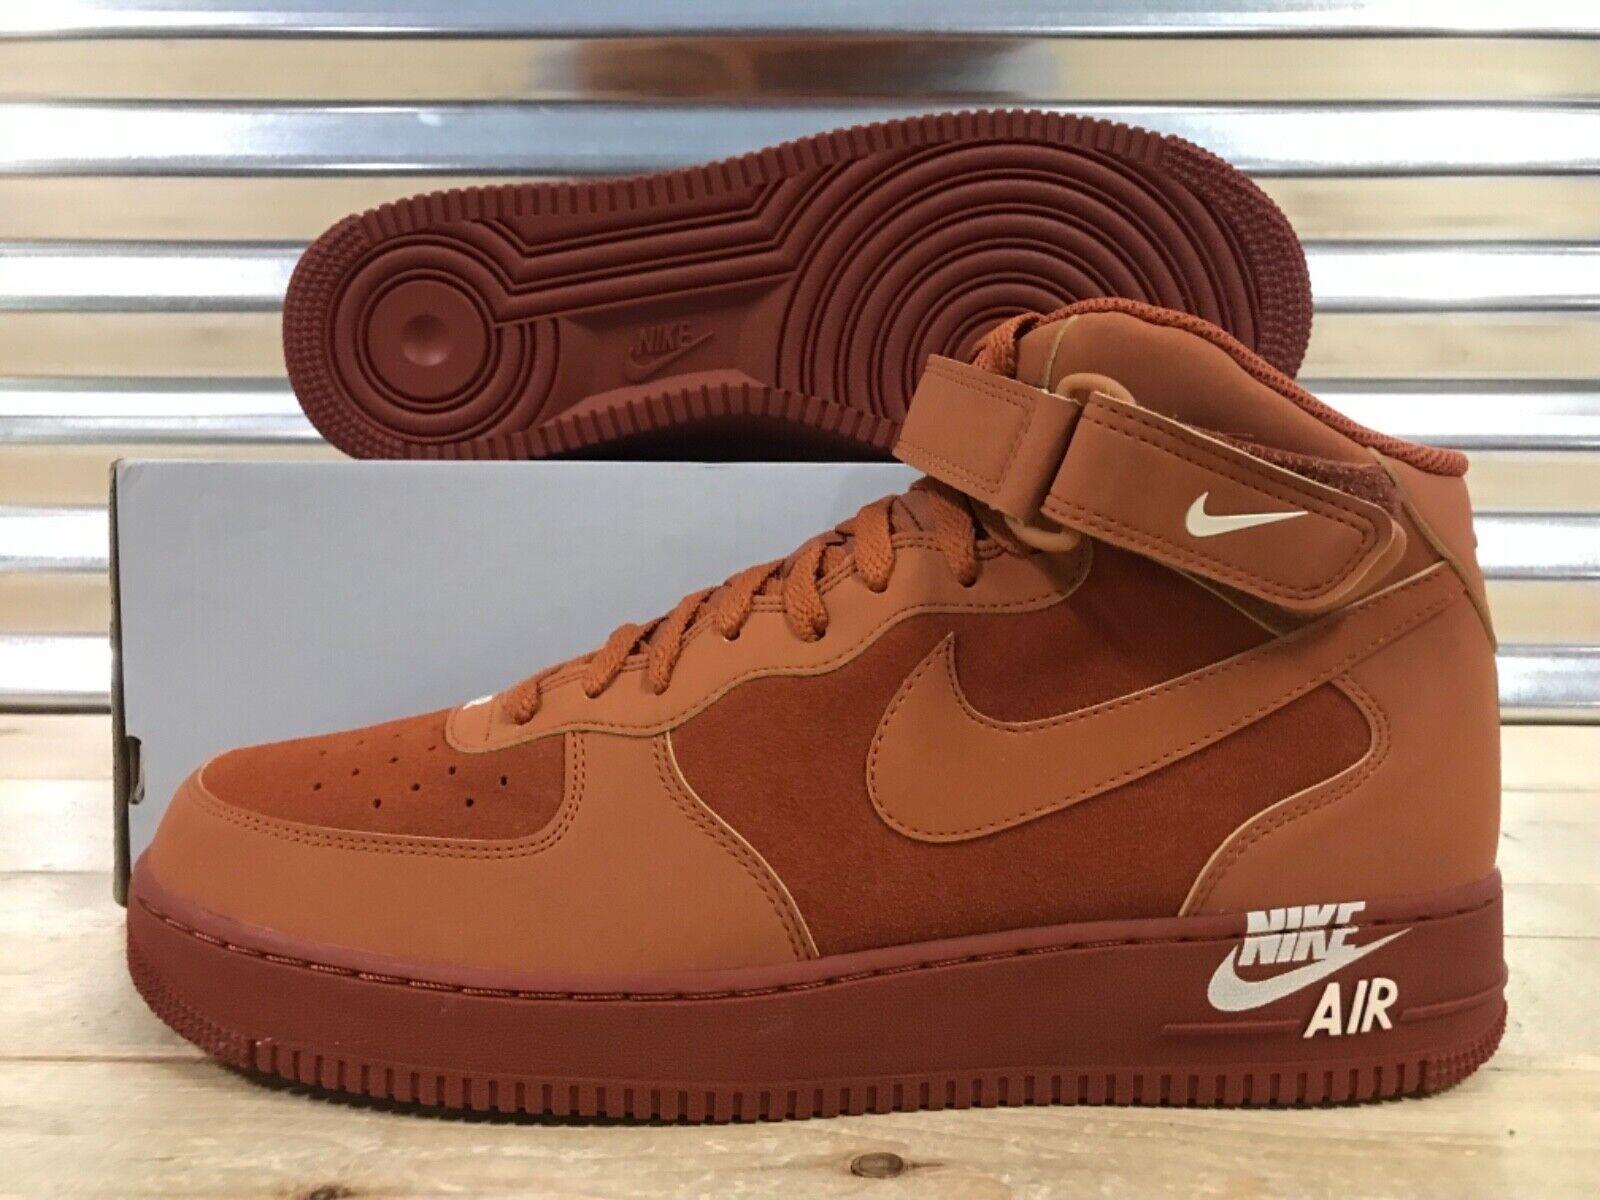 Nike Air Force 1 Mid '07 shoes AF1 Dark Russet Brown SZ 13 ( 315123-207 )